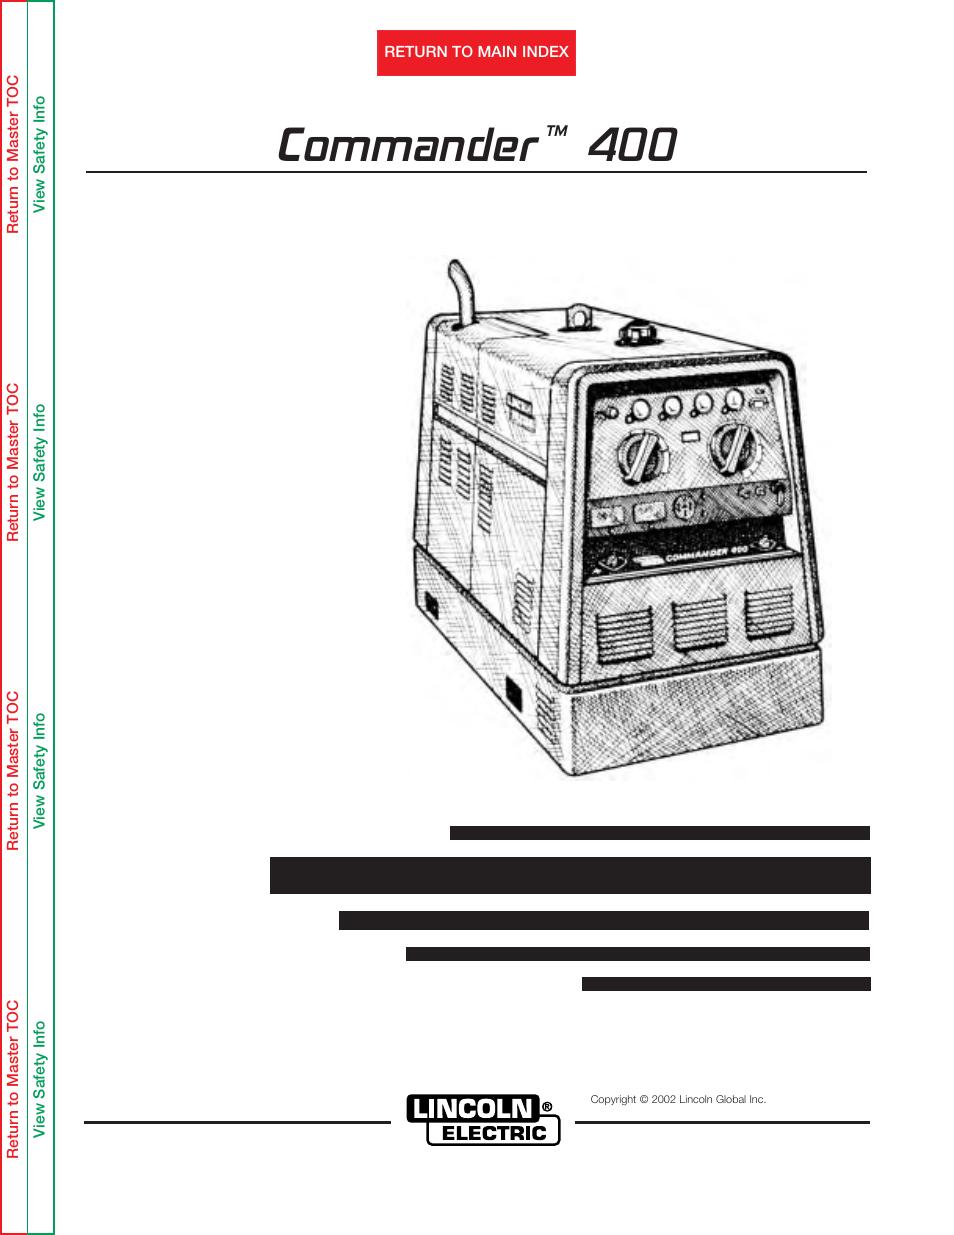 lincoln electric commander 400 svm133 b manuel d utilisation pages rh modes d emploi com